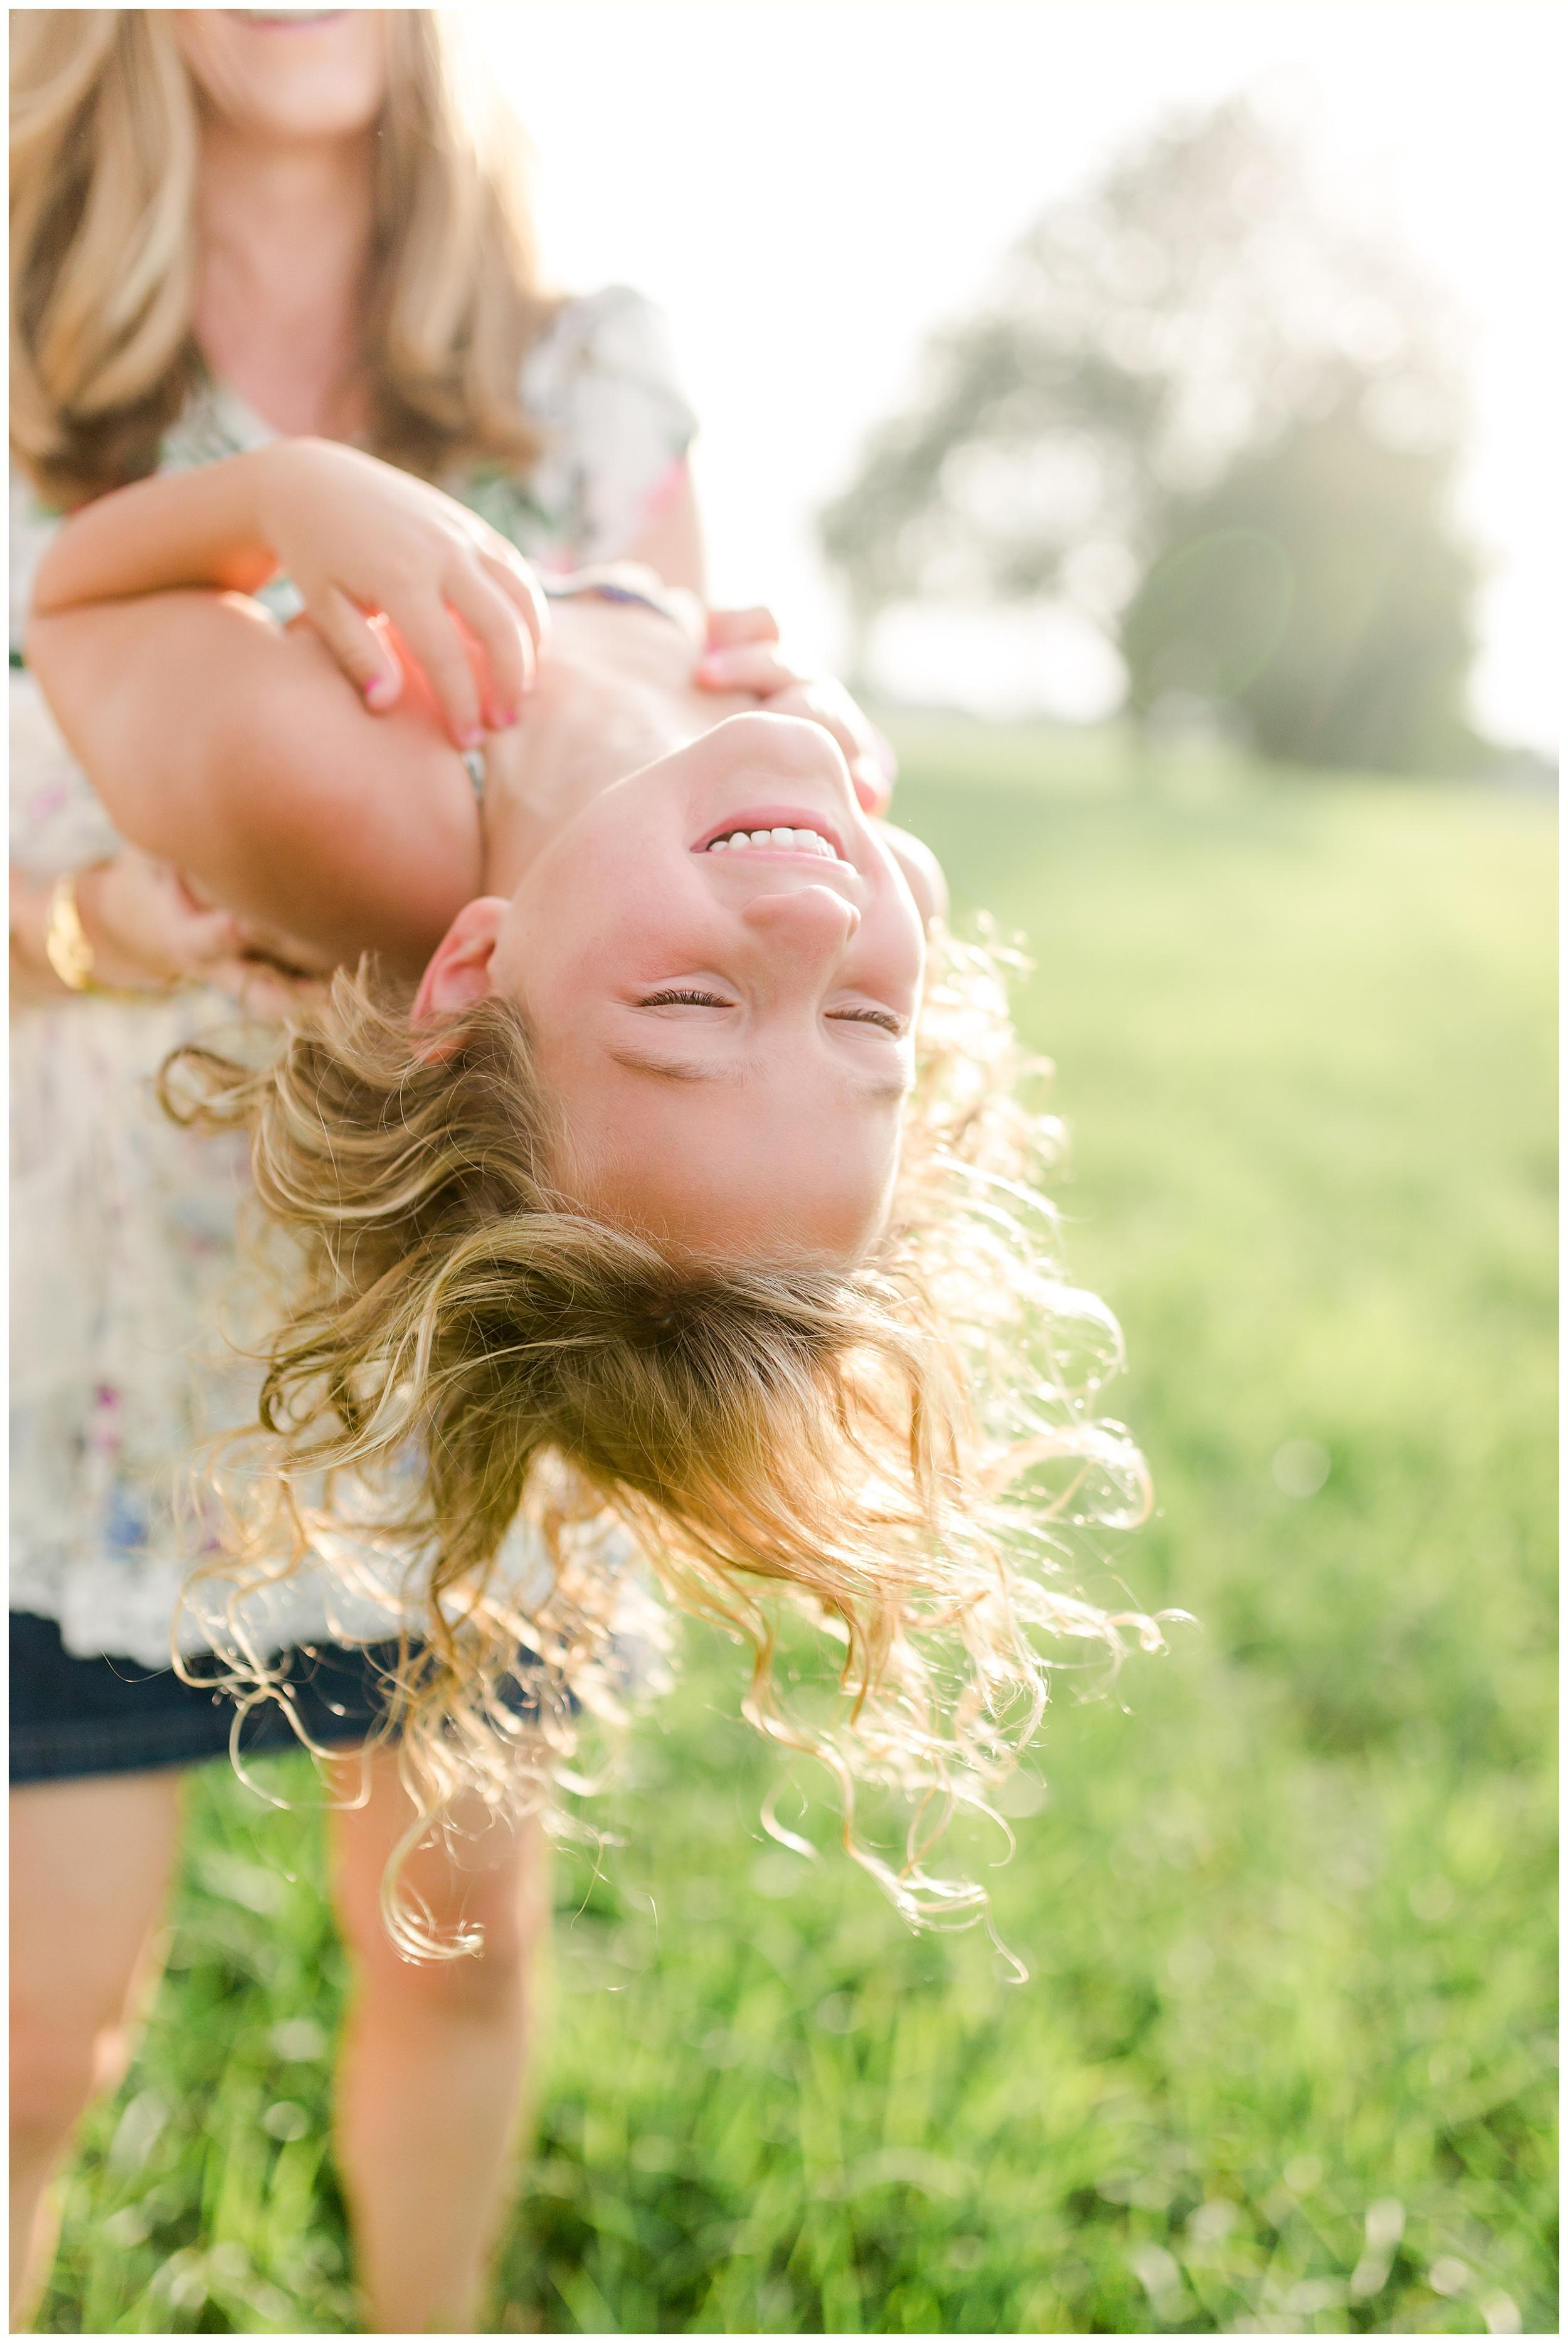 lexington-ky-family-lifestyle-photographer-priscilla-baierlein_1291.jpg